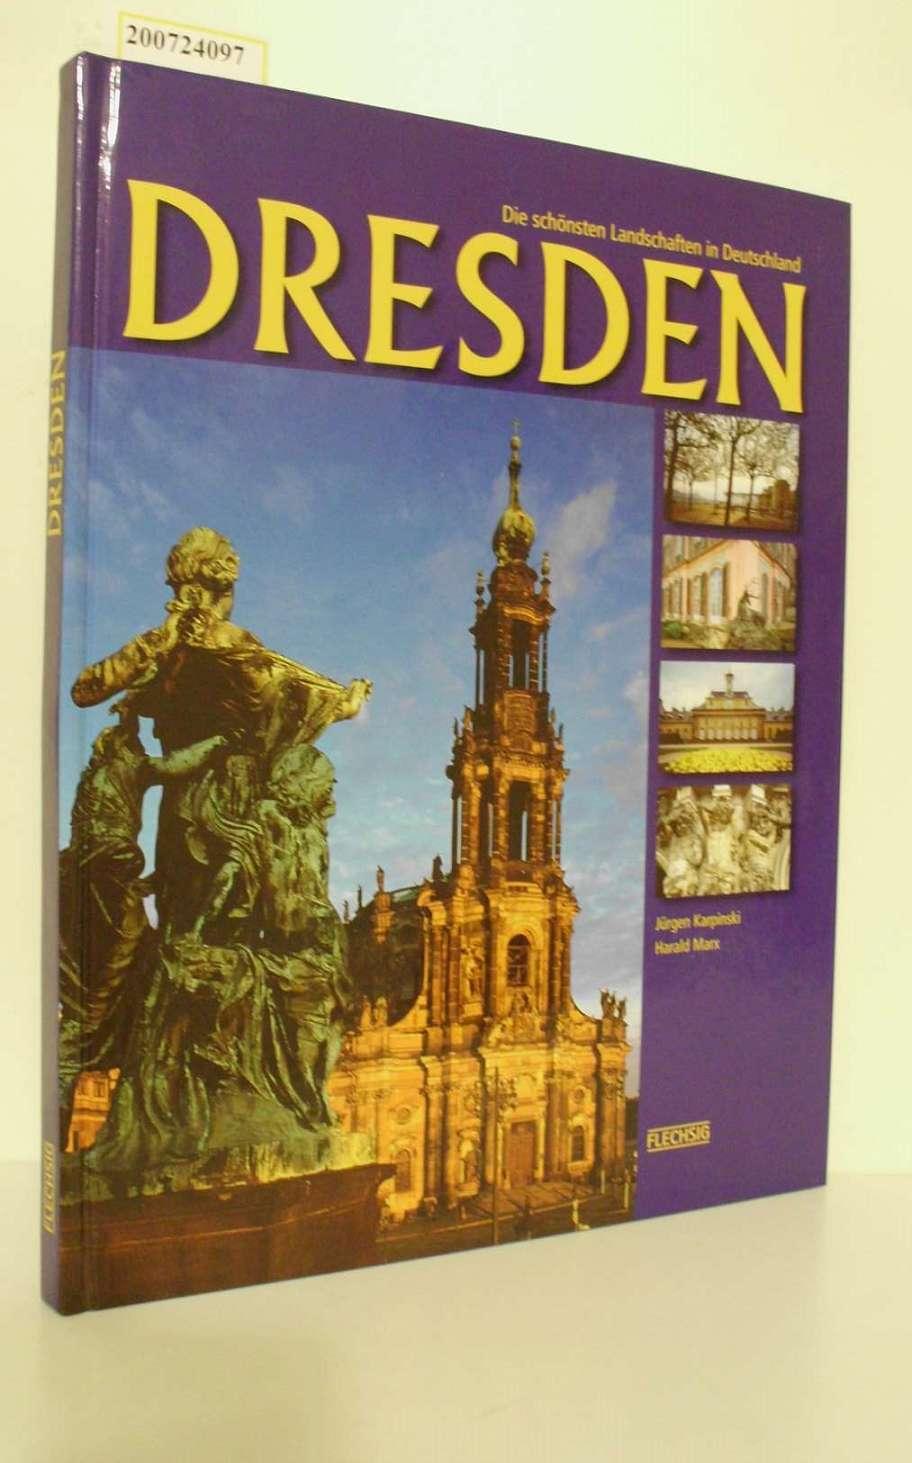 Karpinski, Jürgen und Harald Marx: Dresden - Die schönsten Landschaften in Deutschland Sonderausg.